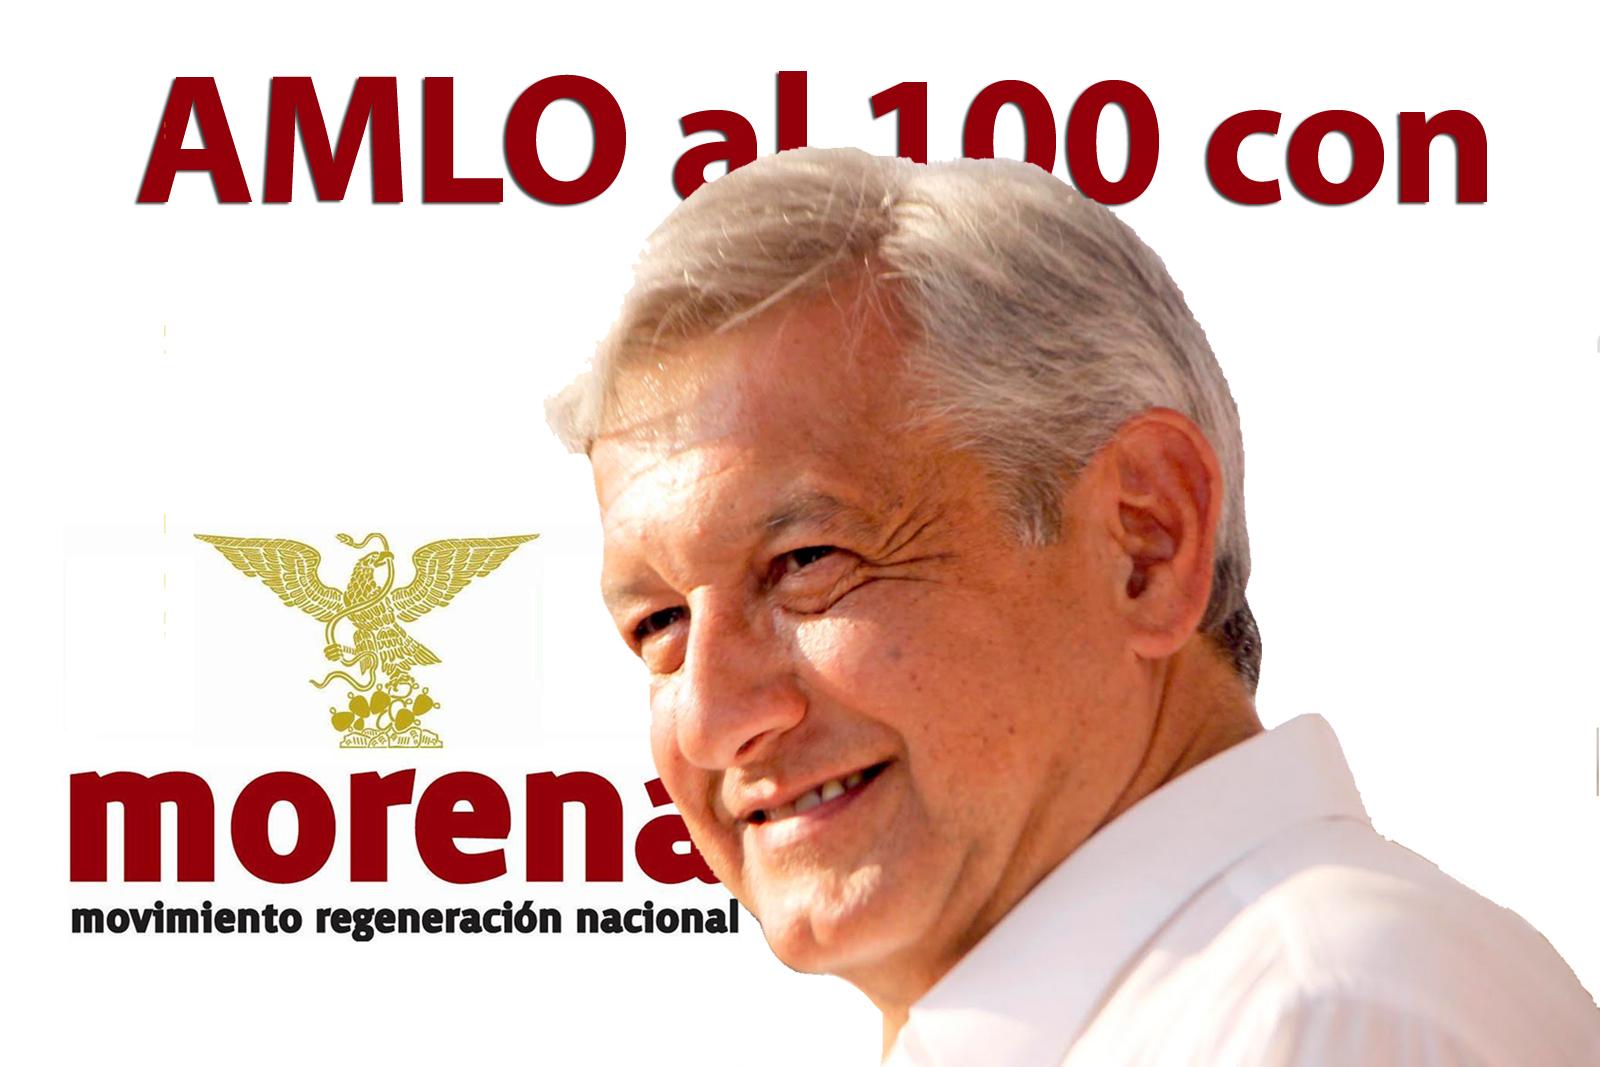 AMLO al 100 con... Juan Manuel Lopez